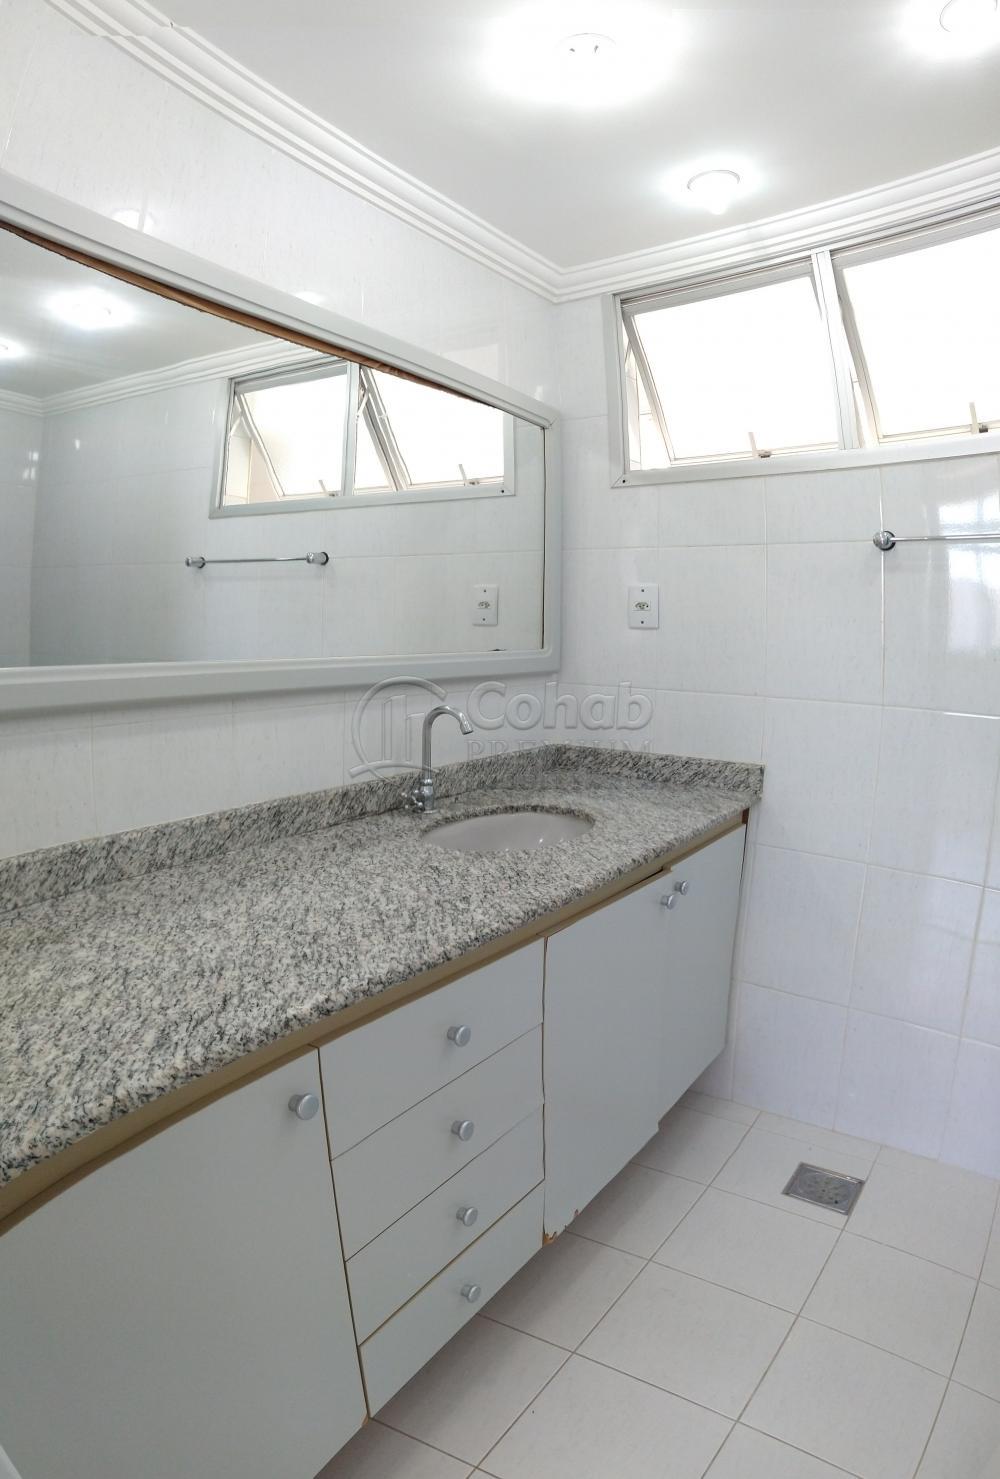 Alugar Apartamento / Padrão em Aracaju apenas R$ 1.400,00 - Foto 14